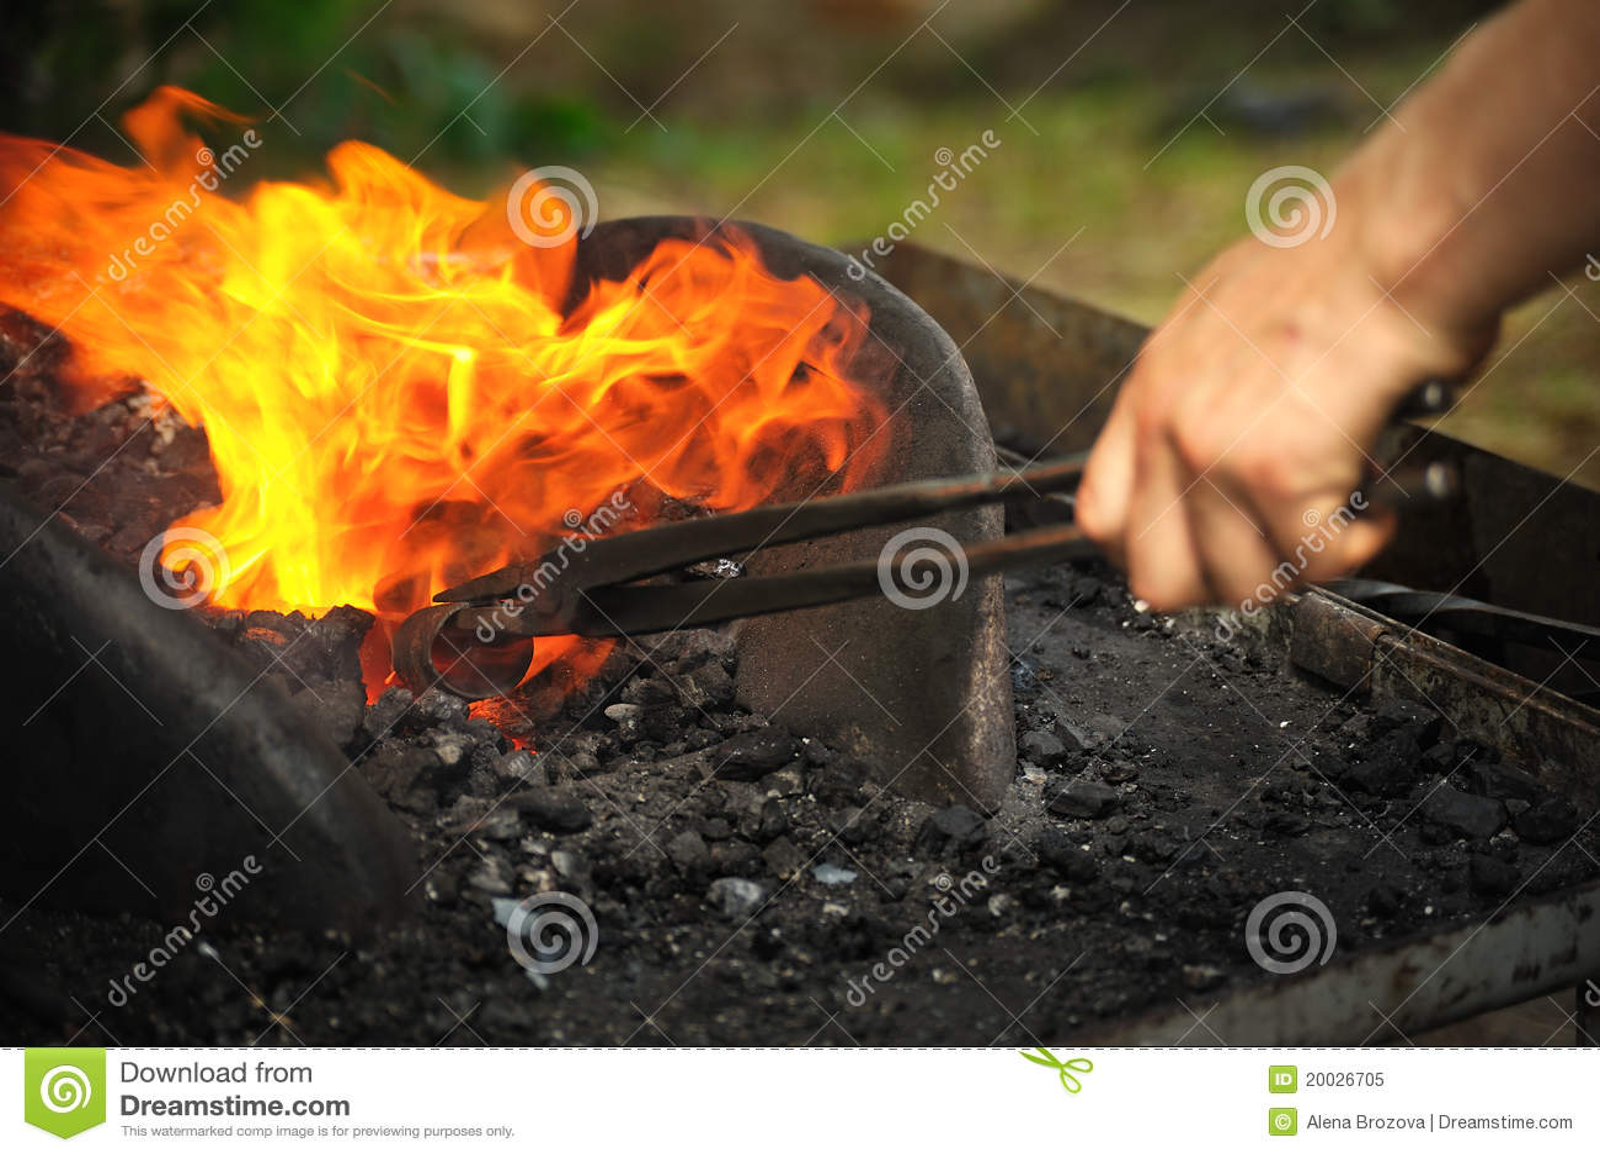 Blacksmith ogrzewanie odprasowywać odprasowywa